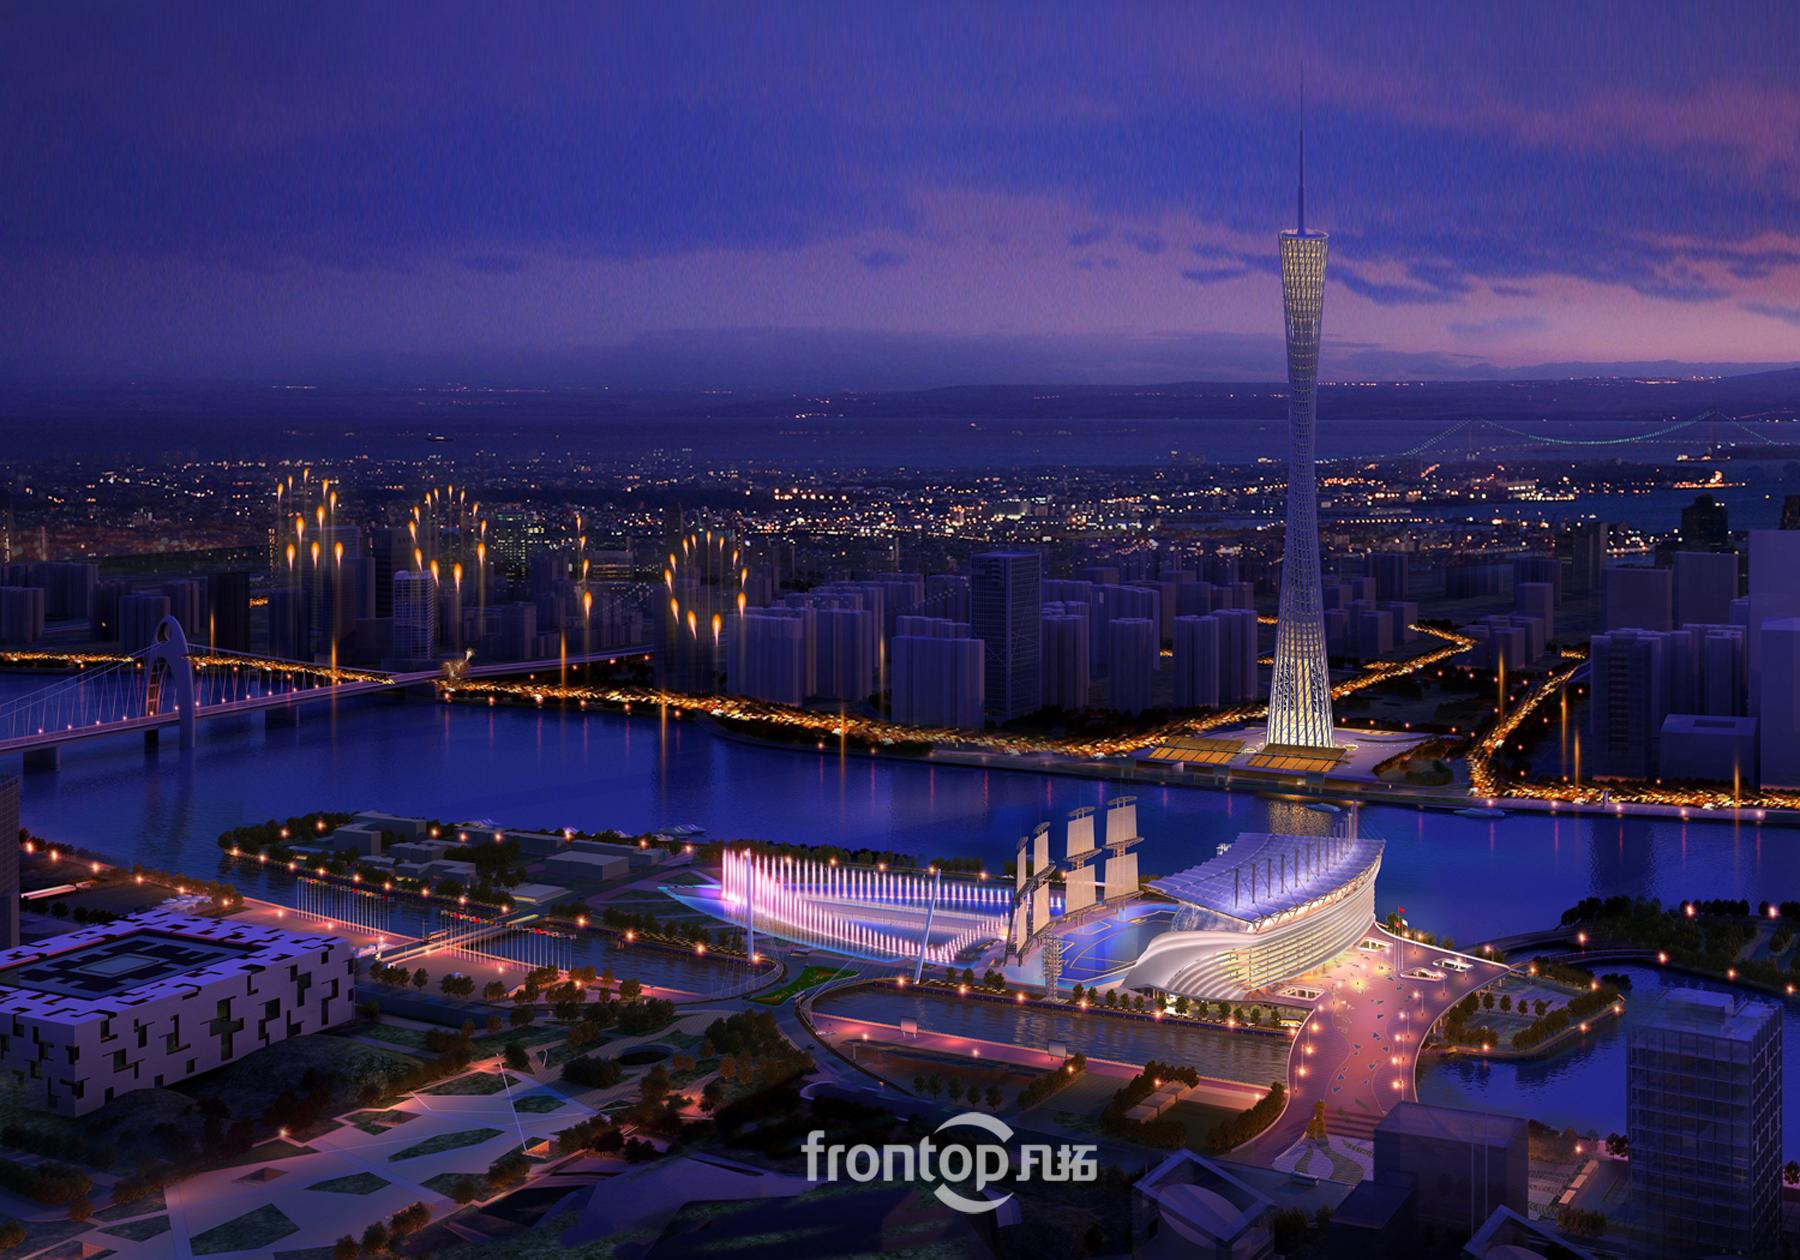 海心沙, 广州标志性建筑, 鸟瞰效果图, 广州塔